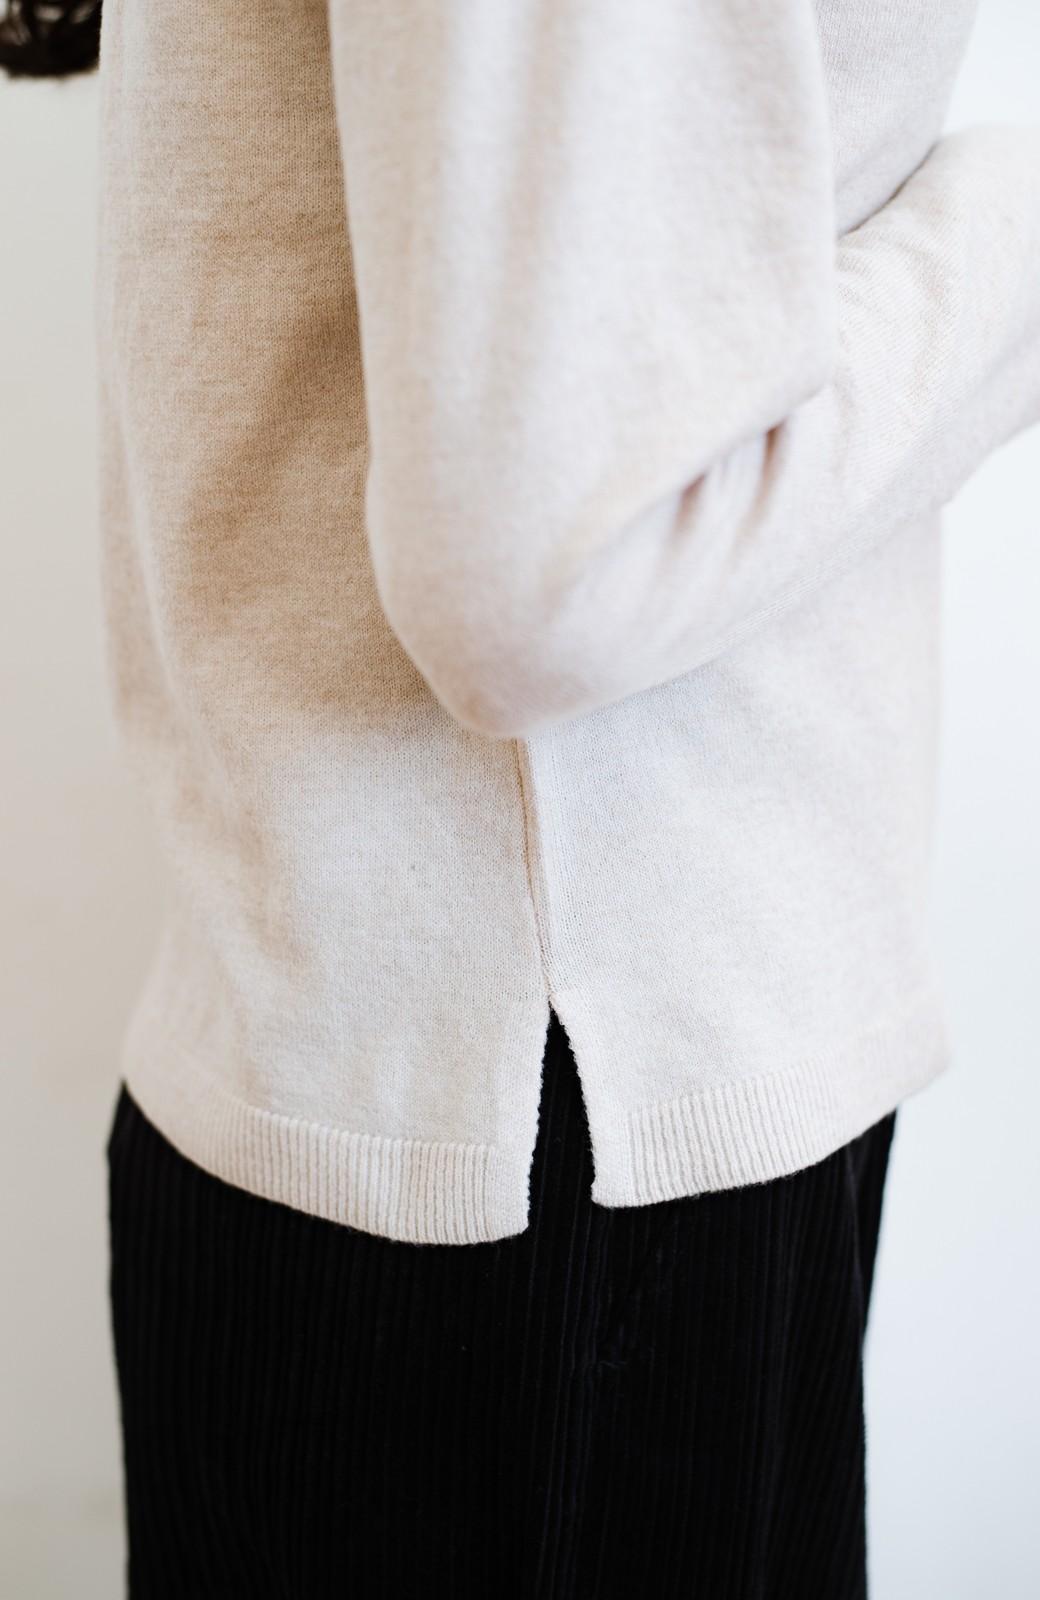 haco! 【高橋愛さんコラボ】本当に使えるニットを吟味! 重ね着に便利な刺繍入りハイネック&クルーネックニットトップス2枚セット by LOVE&PEACE PROJECT <ベージュ・ブラック>の商品写真26